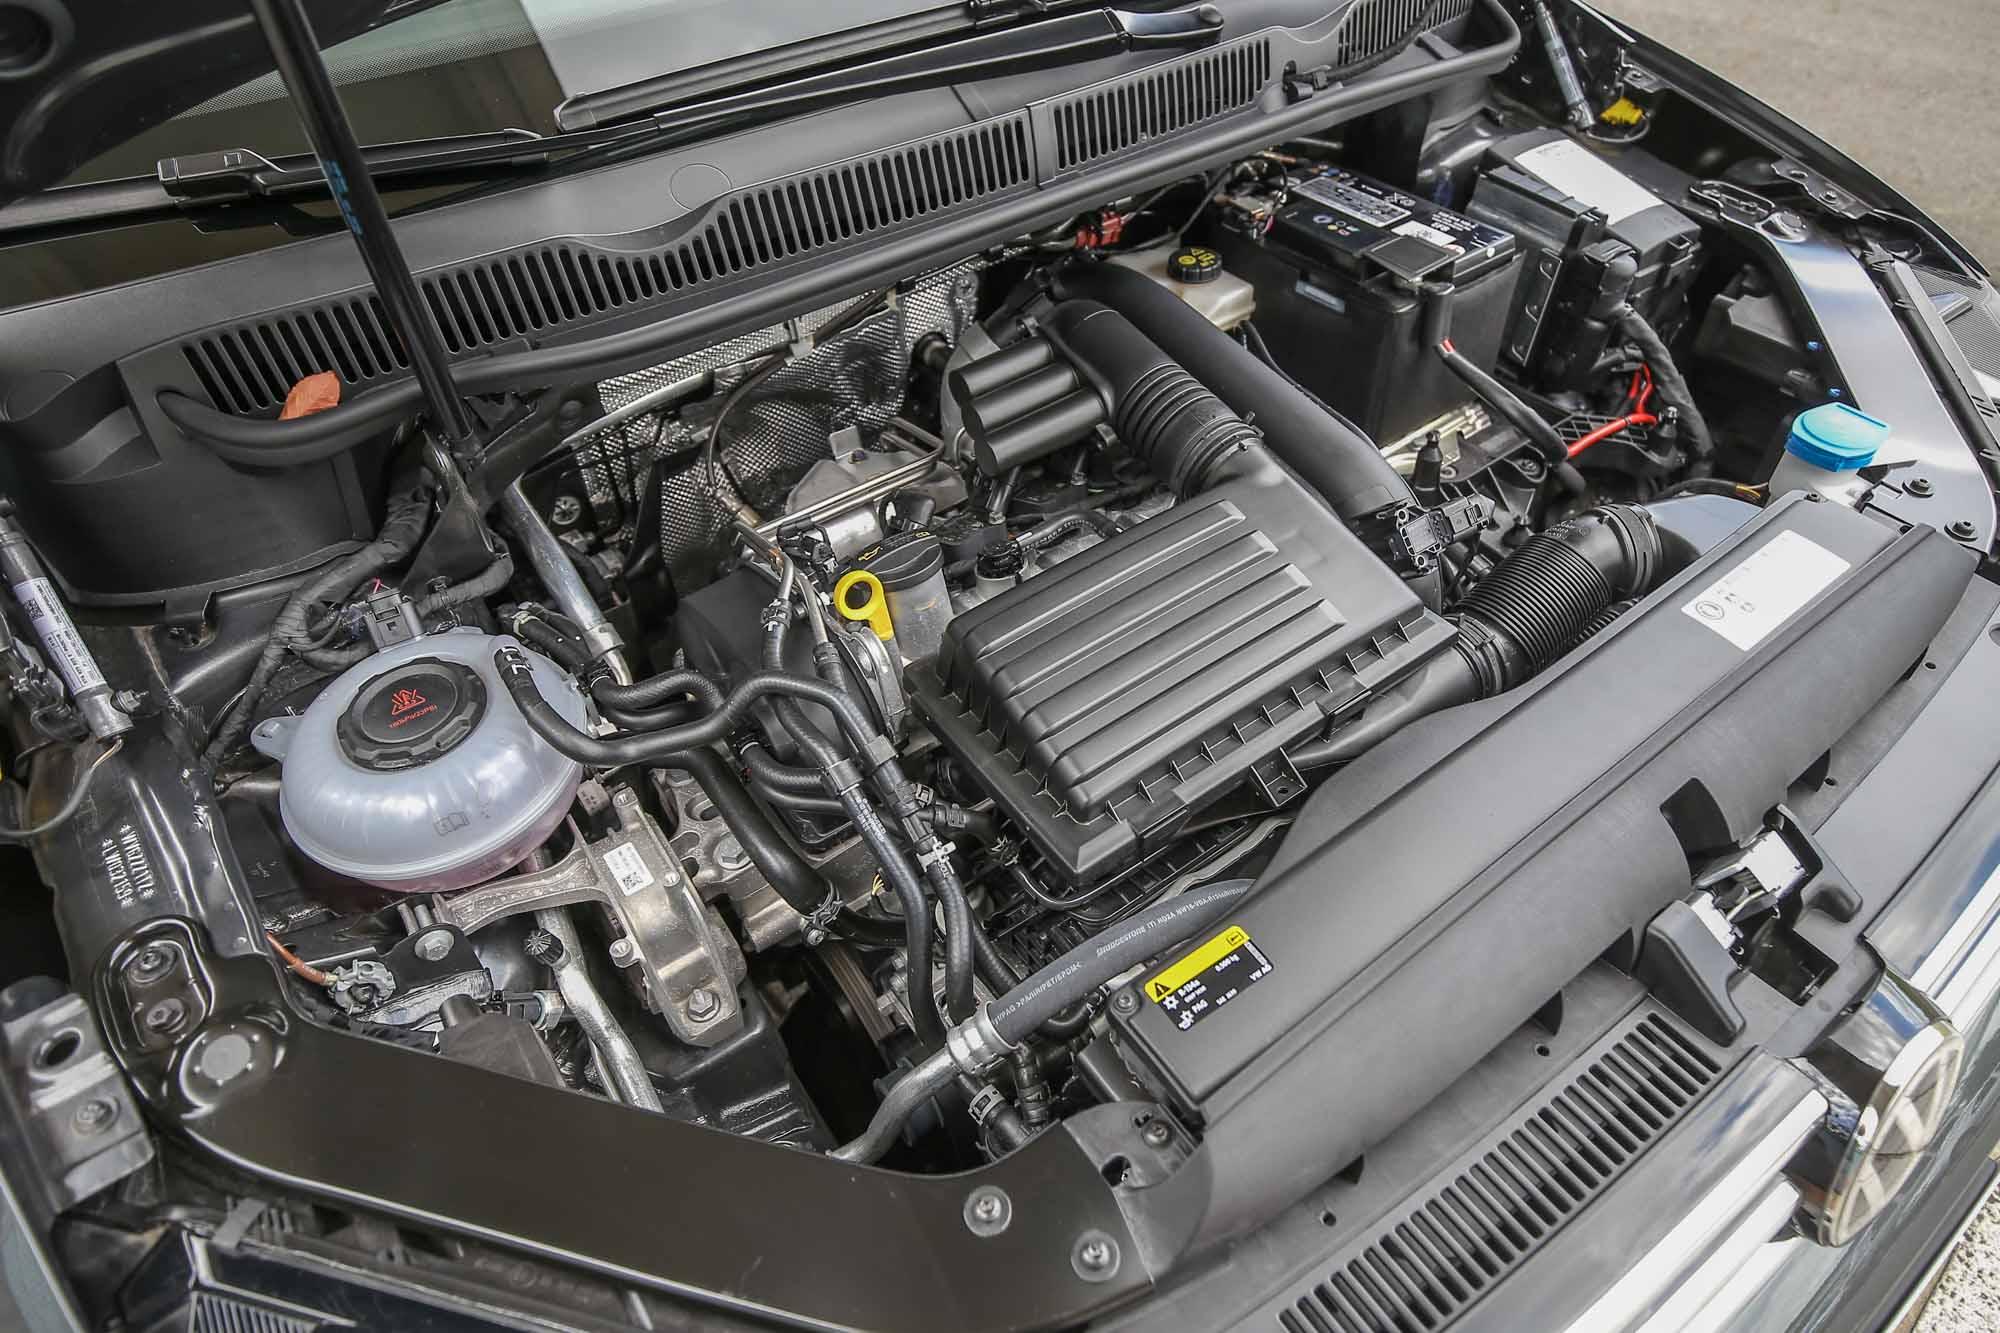 Touran 全面採取單一動力配置,280 TSI 代表的是搭載 1.4 升渦輪增壓汽油引擎,具備 150hp/5000~6000rpm 最大馬力與 25.5kgm/1500~3500rpm 最大扭力輸出。